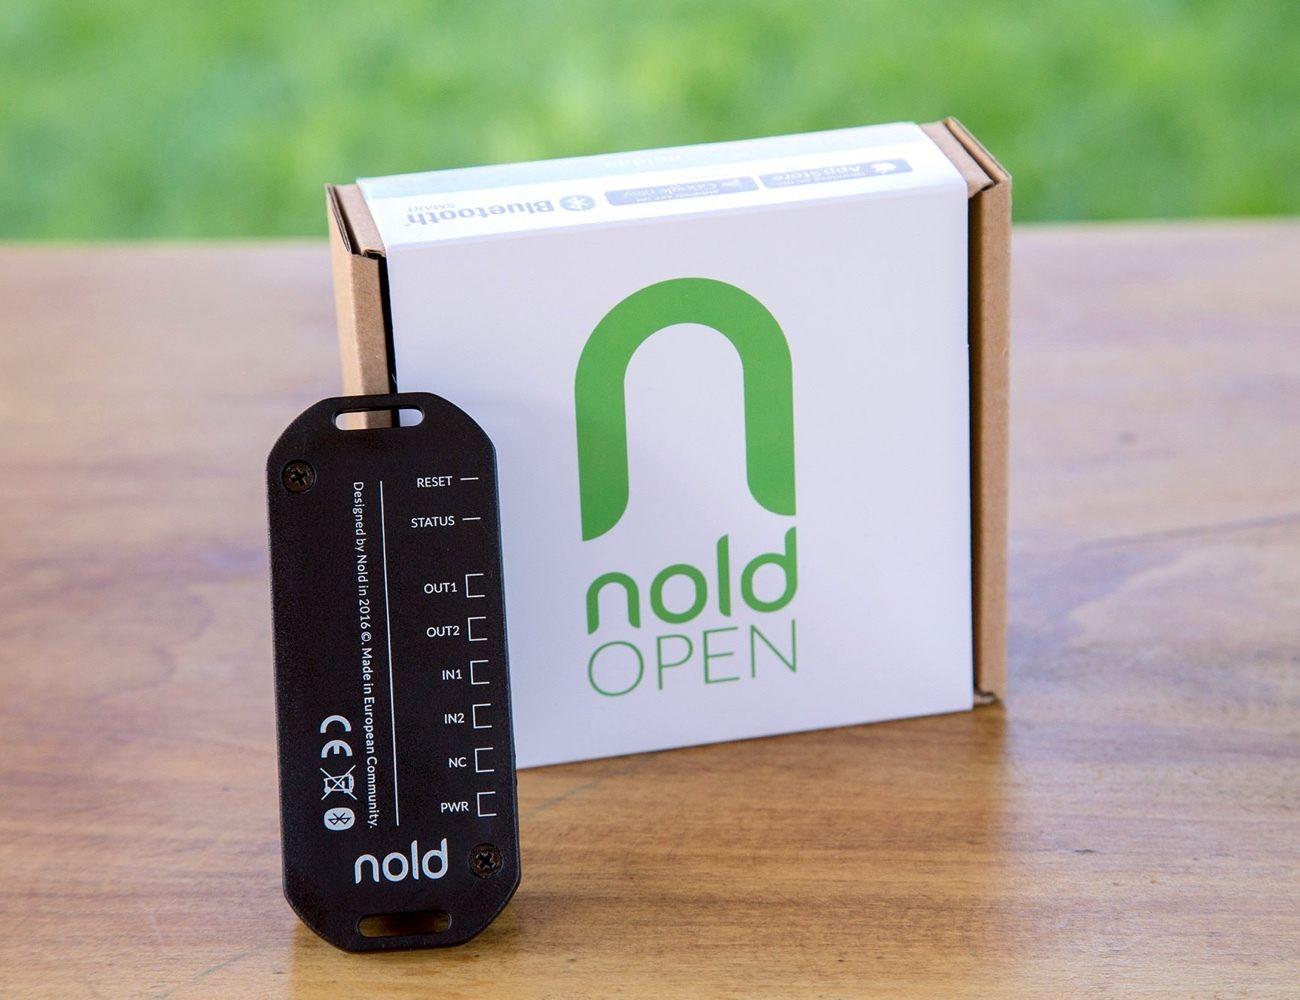 Nold Open – Meet Your New Garage Door Opener